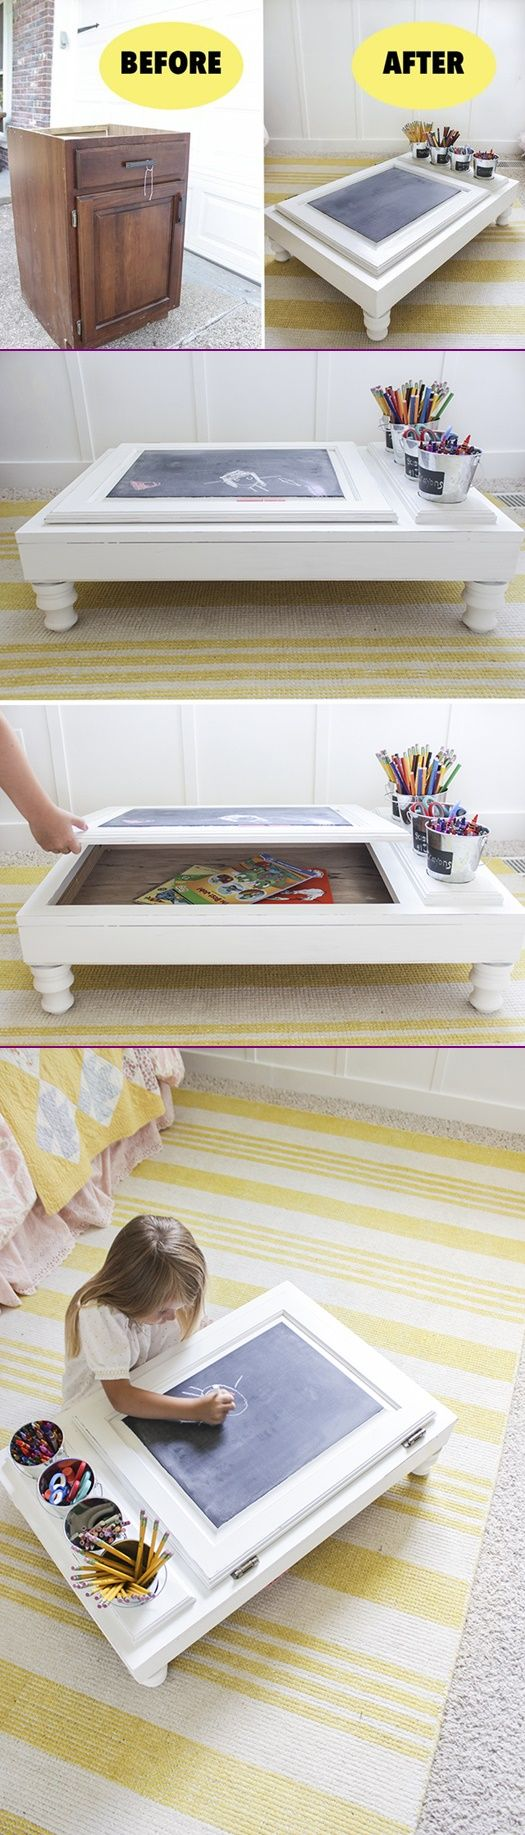 Turn cabinet door into art desk tutorial crafts furniture